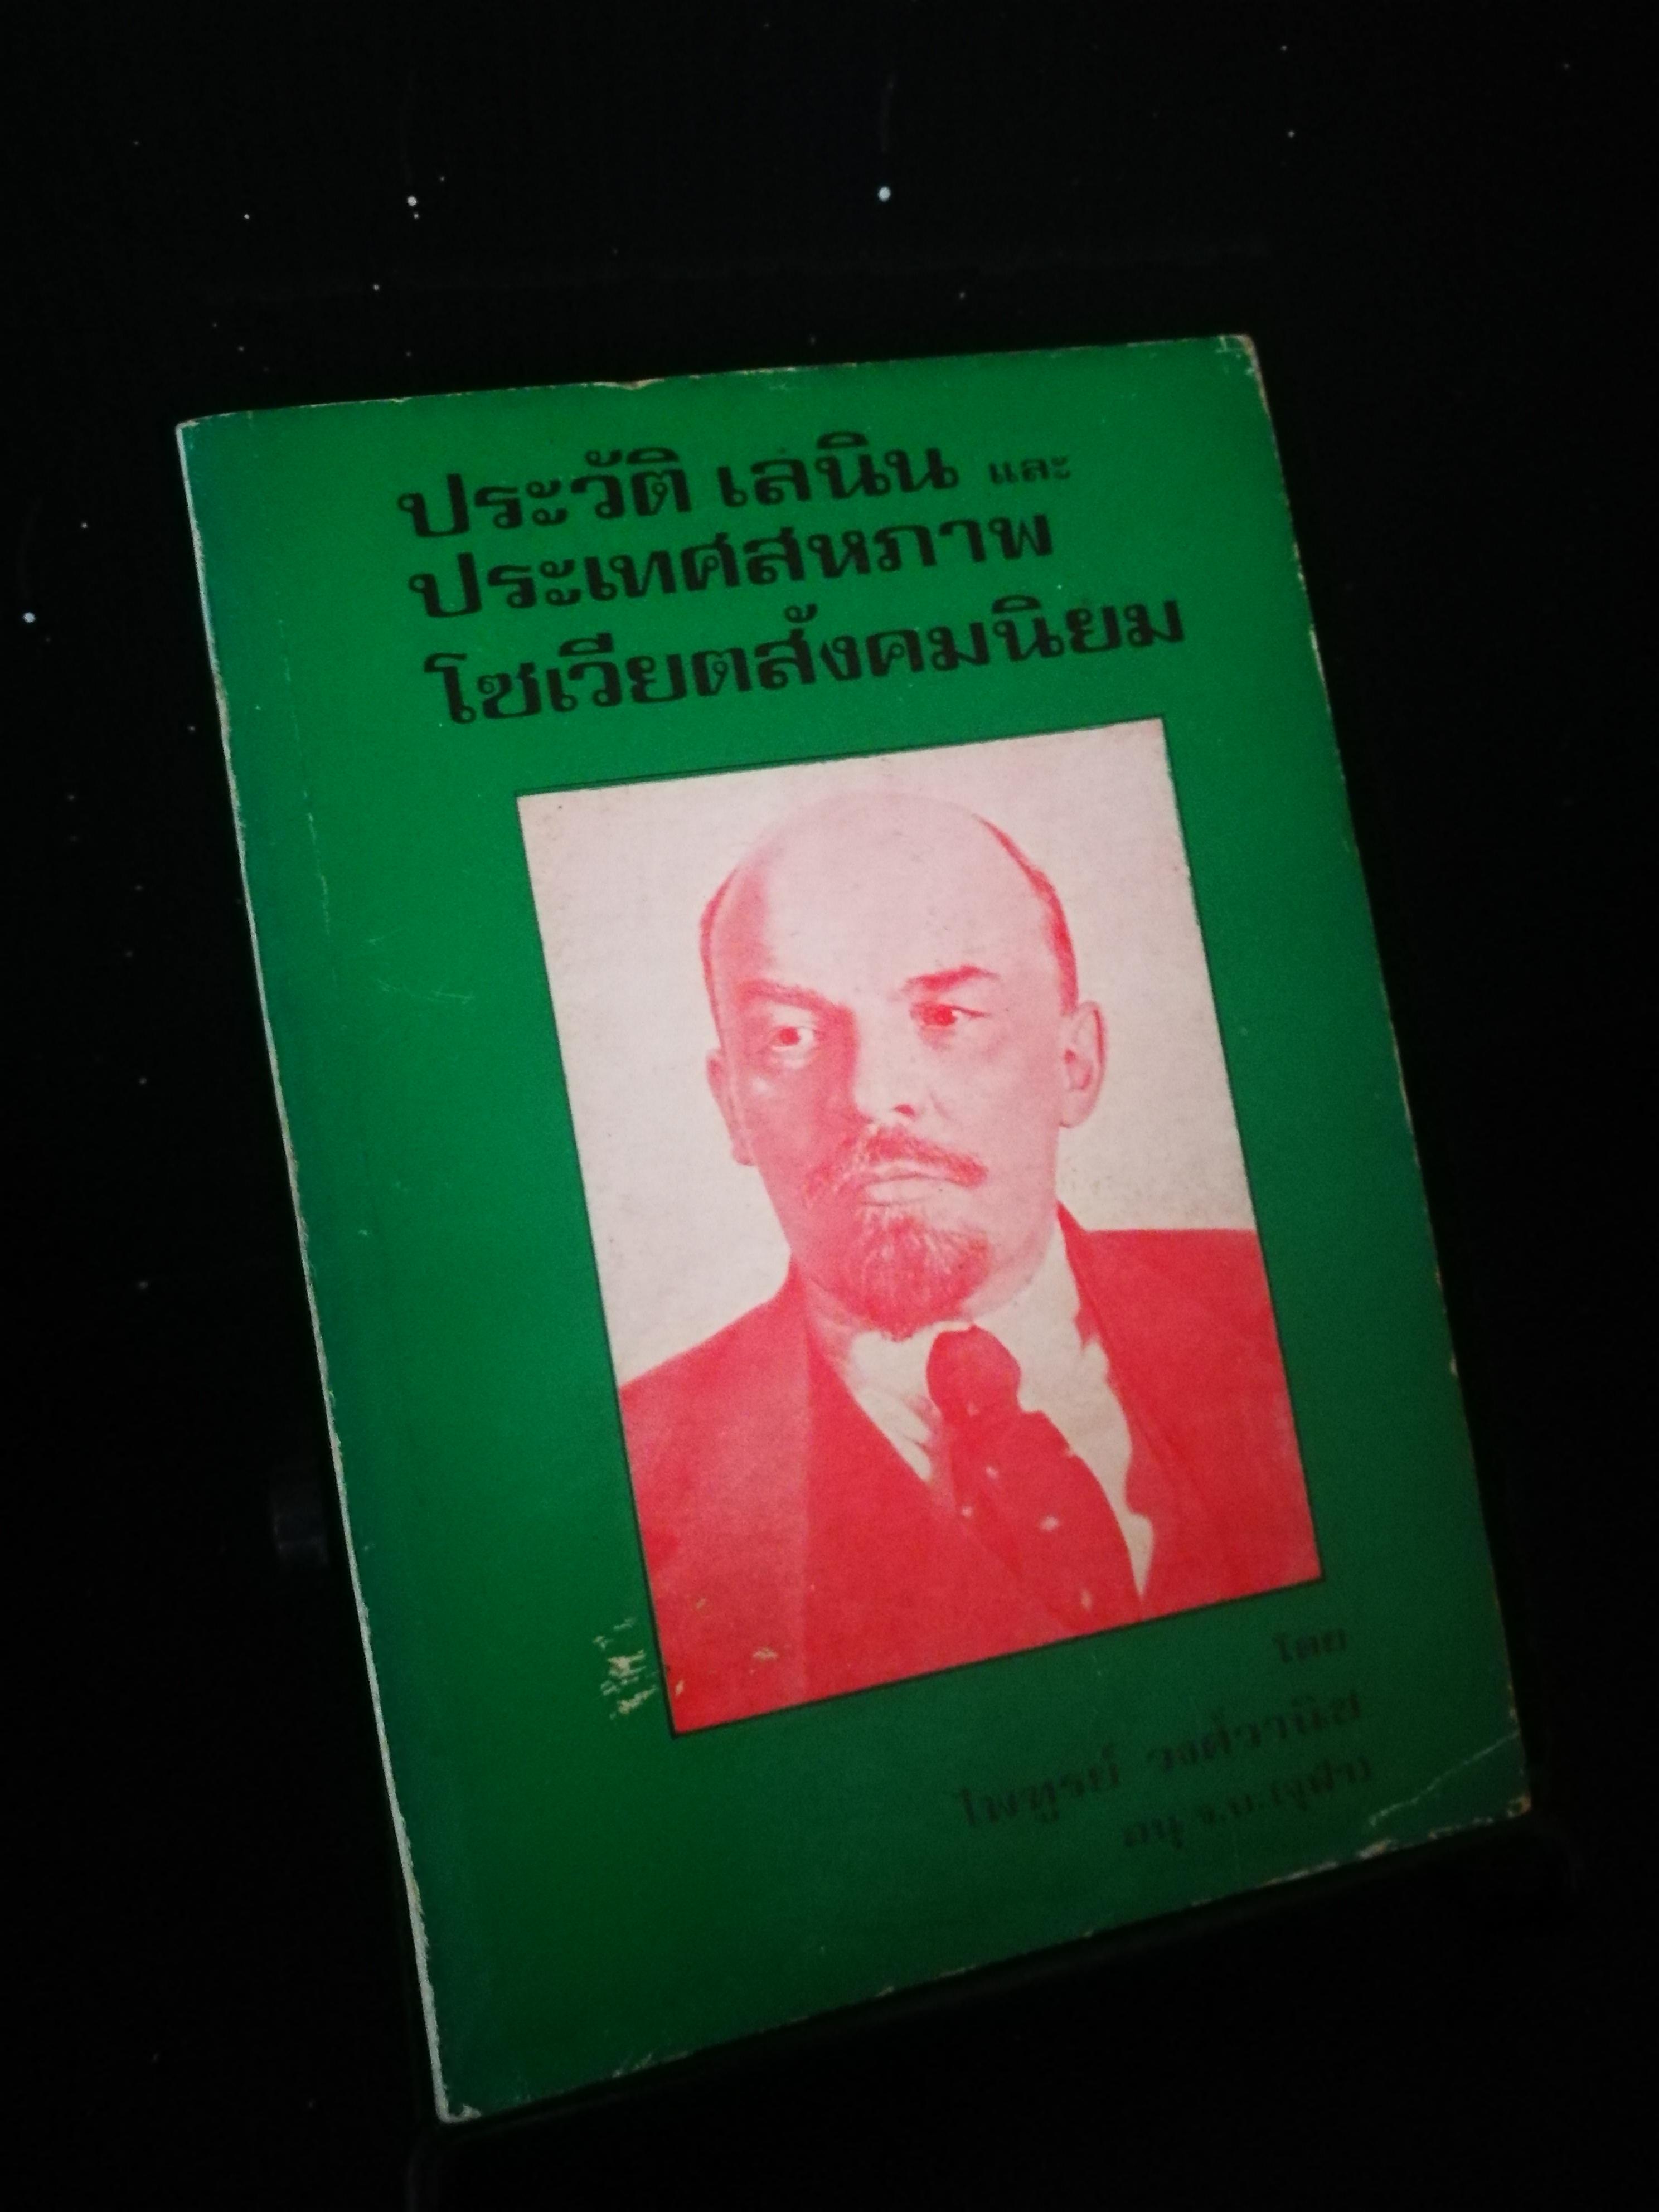 ประวัติเลนิน และประเทศสหภาพโซเวียตสังคมนิยม